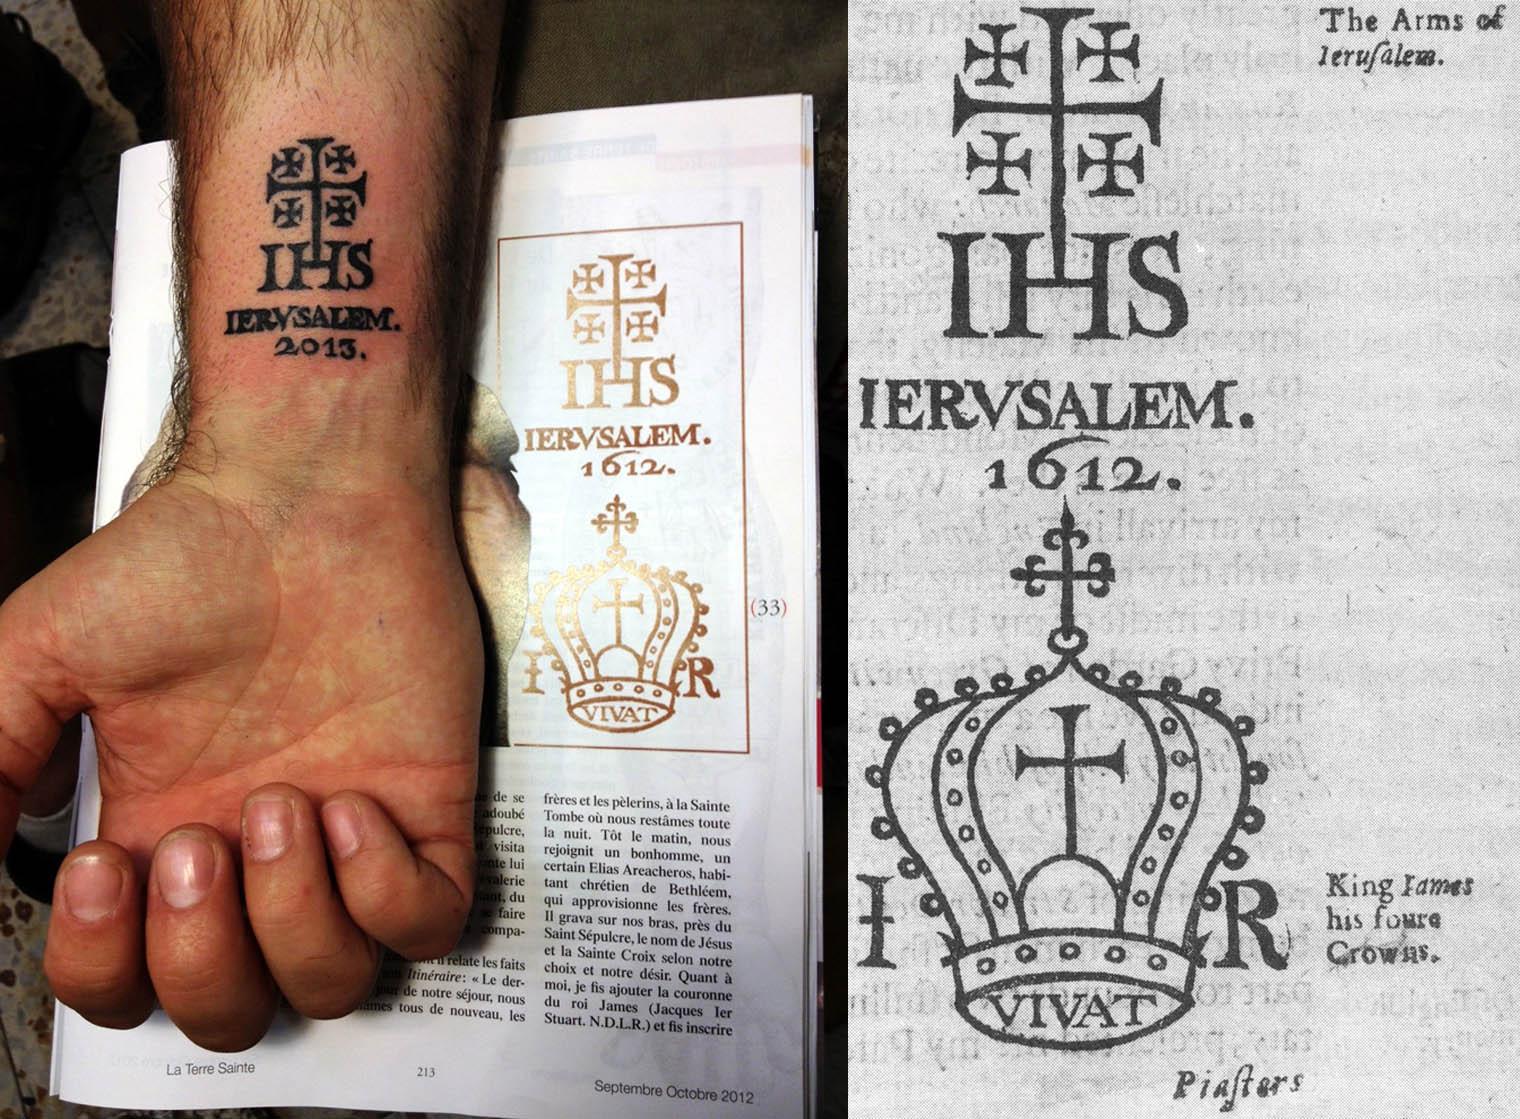 Conoscete i tatuaggi dei Razzouk?